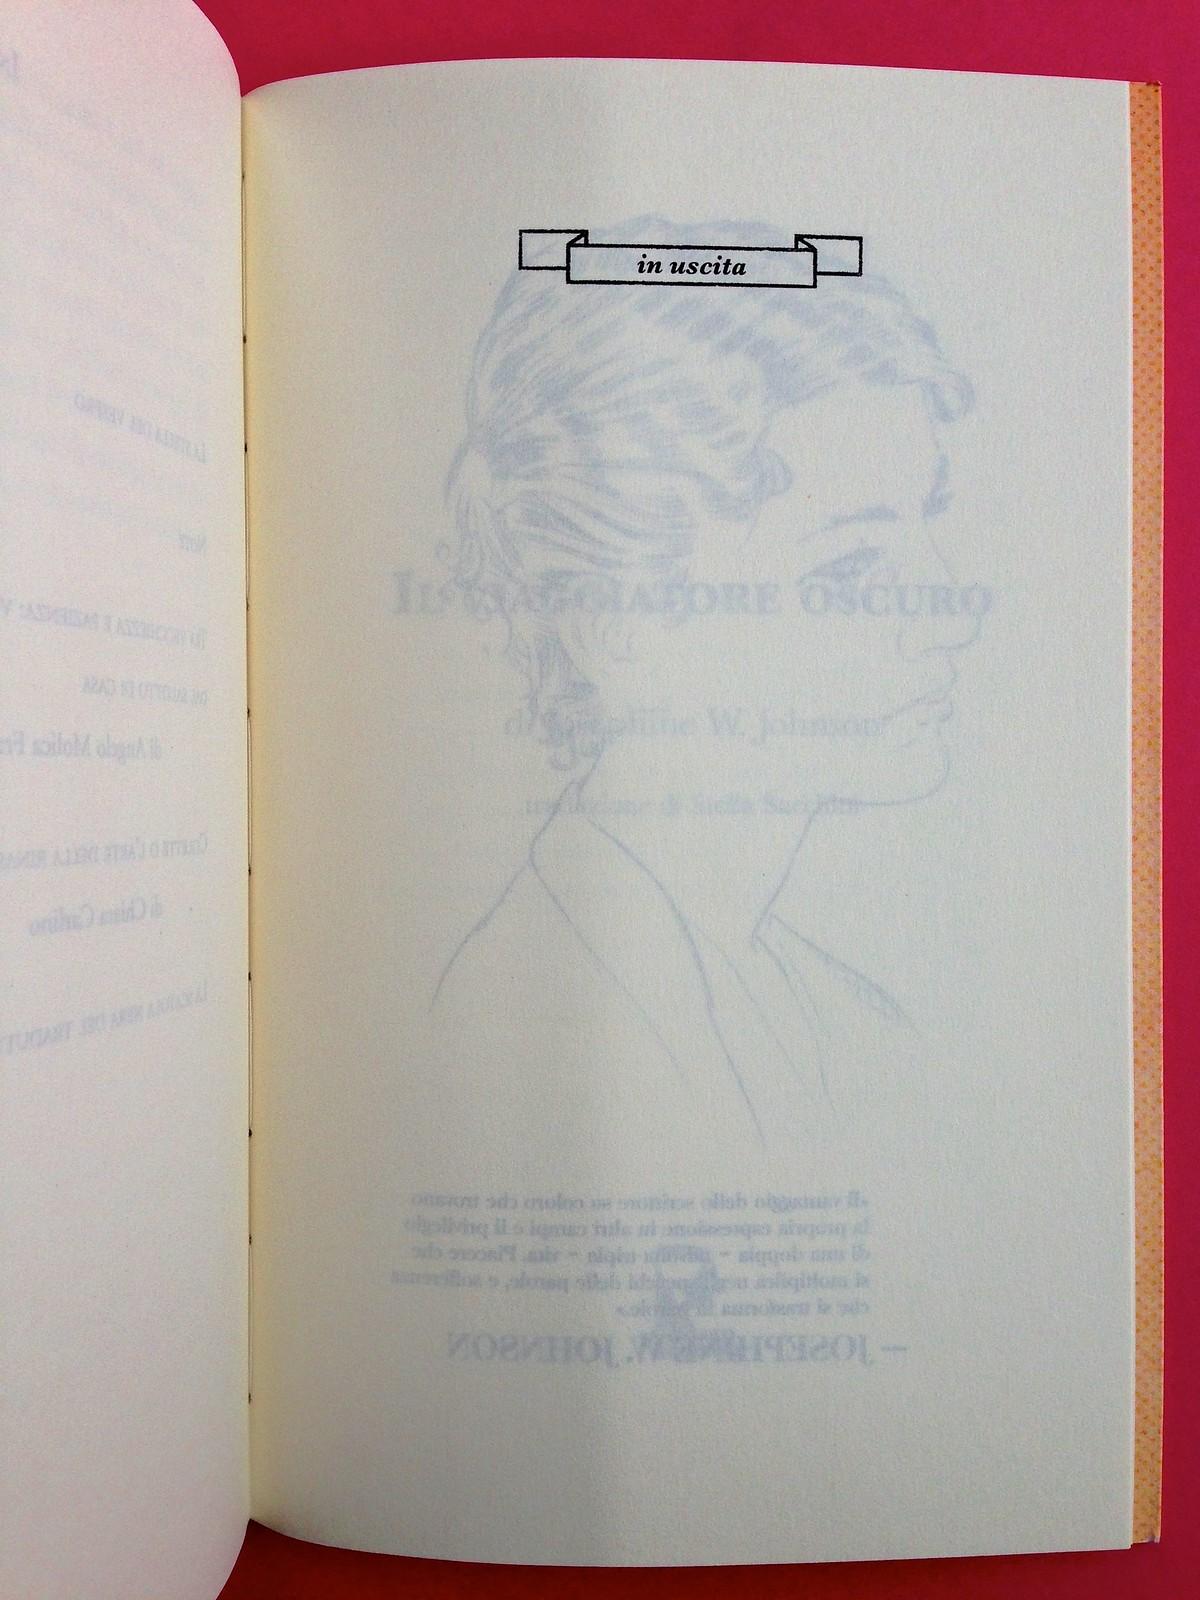 La stella del vespro, di Colette. Del Vecchio Editore 2015. Art direction, cover, illustrazioni, logo design: IFIX | Maurizio Ceccato. Pag. 271 (part.), 2